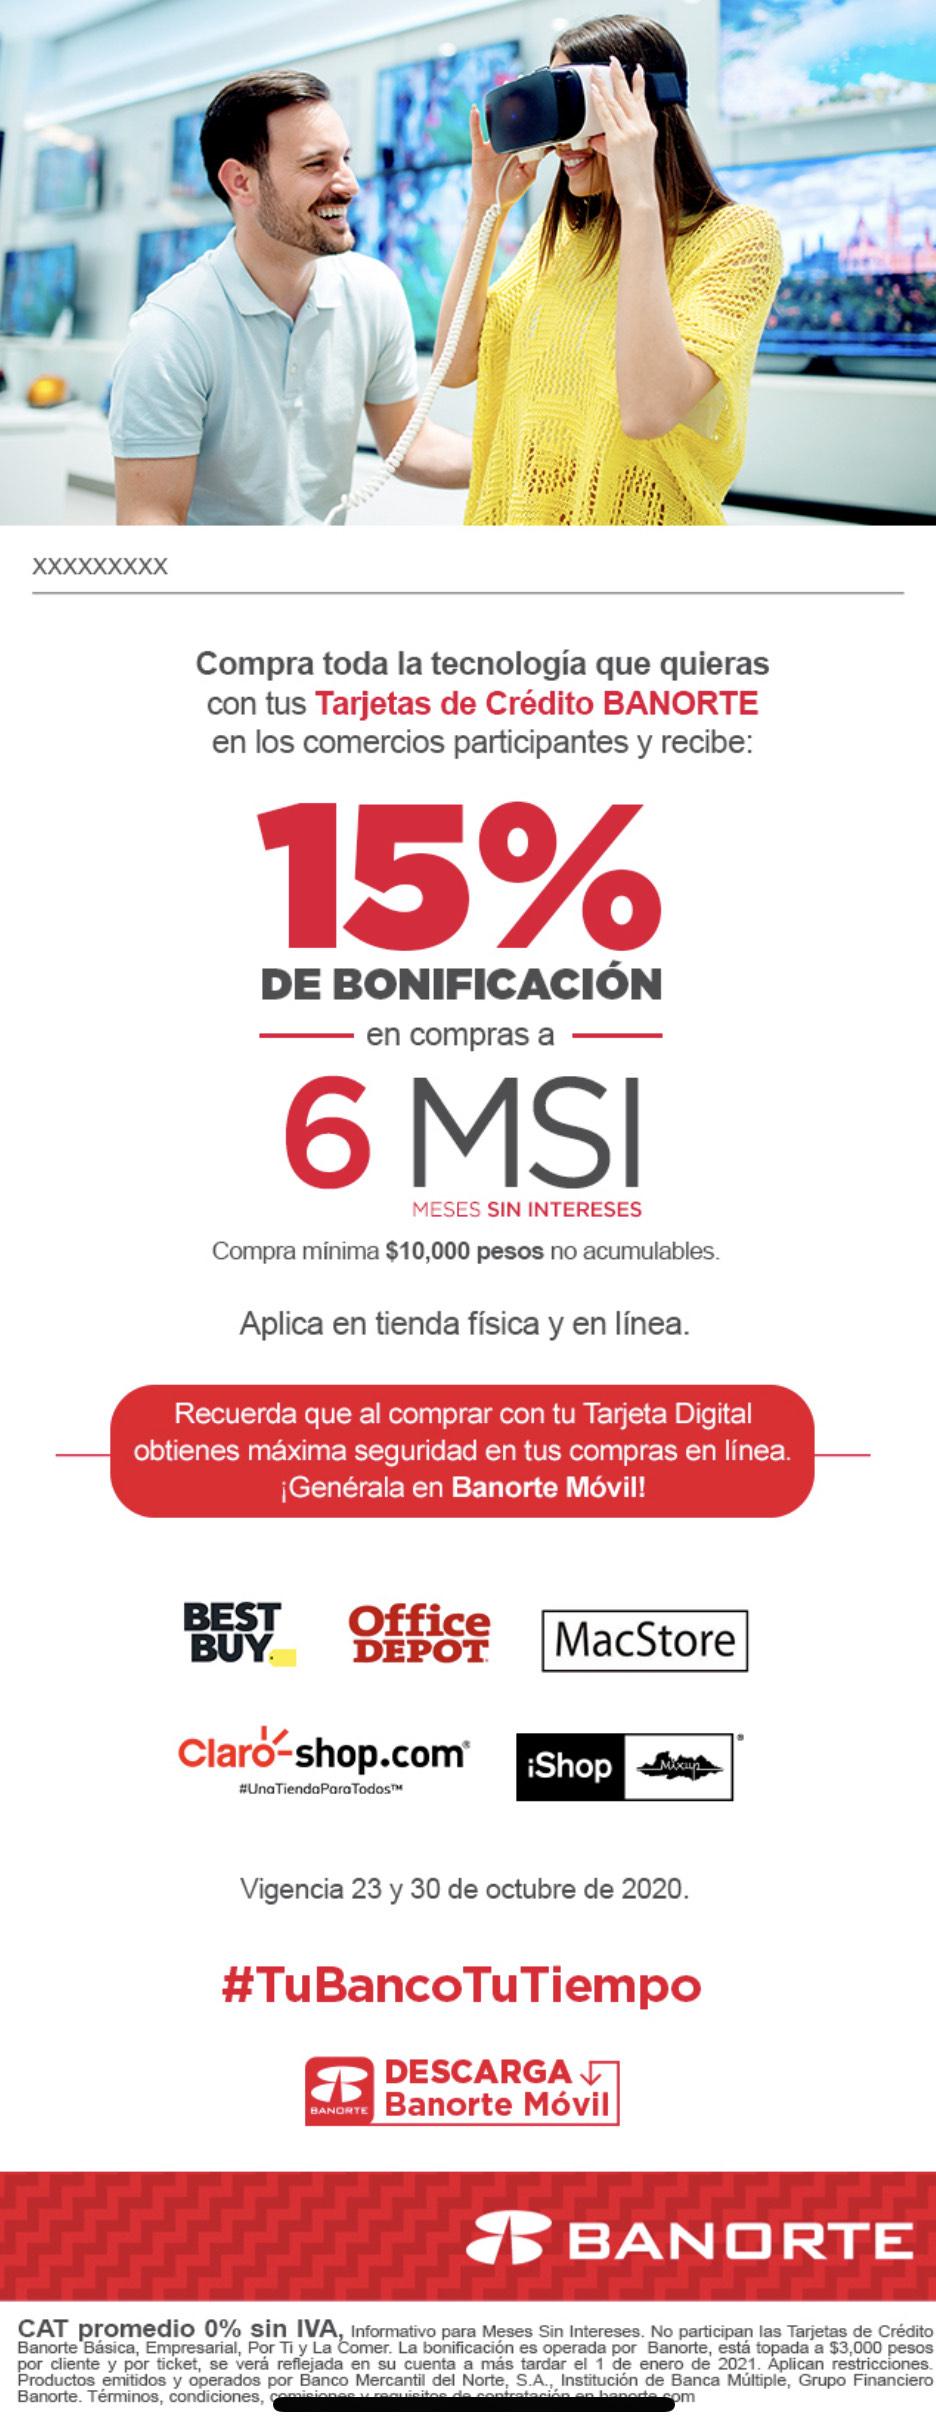 Banorte: 15% de bonificación en compras a 6 meses sin intereses (tiendas seleccionadas)